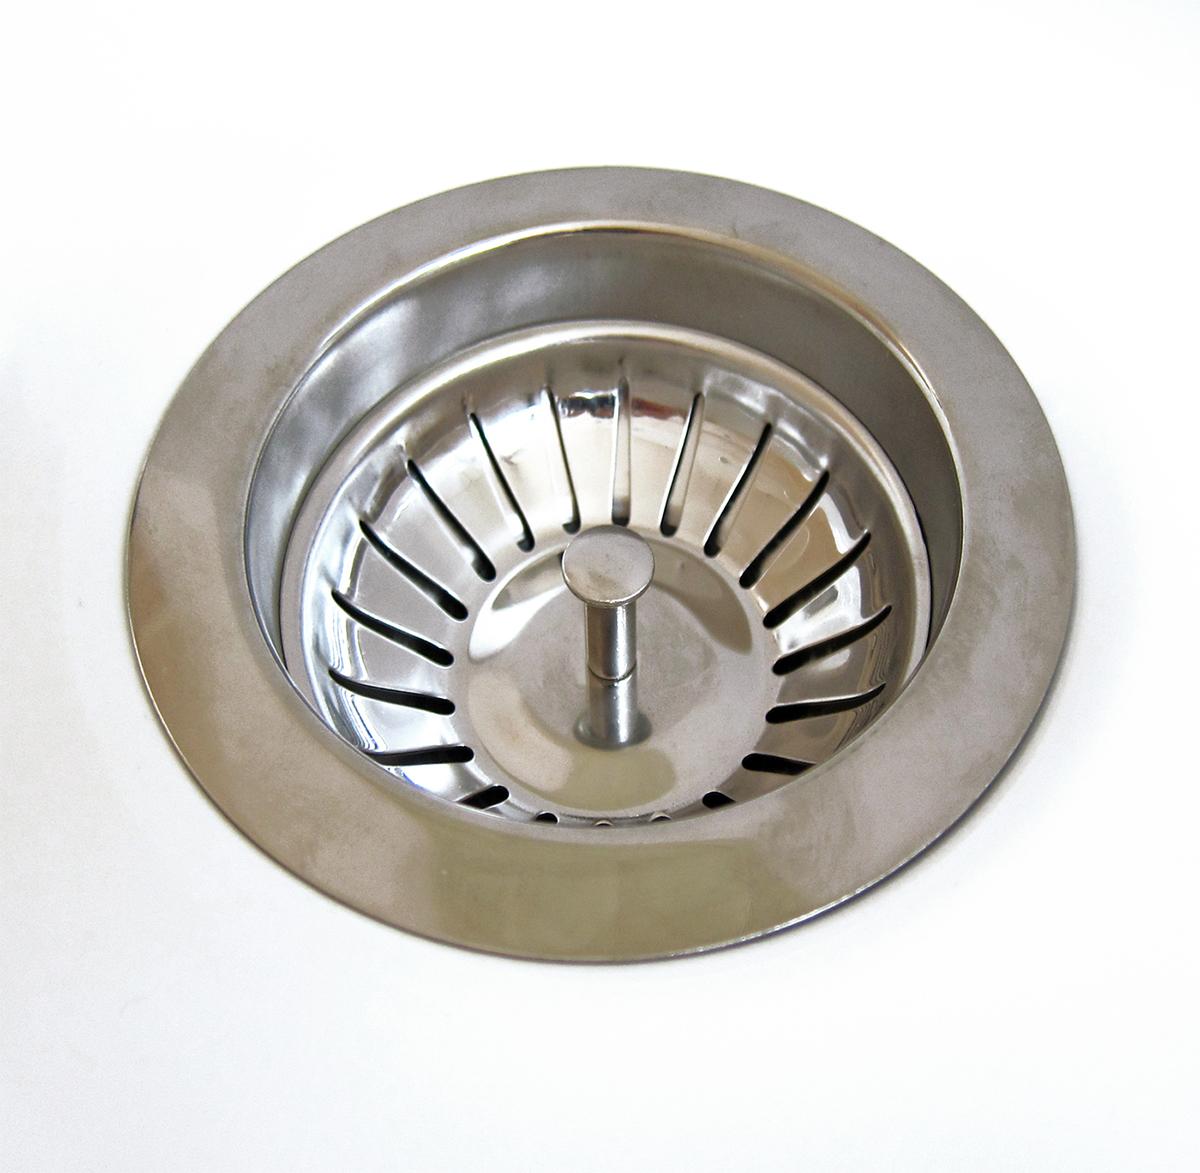 Keramikspulbecken campagne von replicata breite 765 mm for Keramikspülbecken